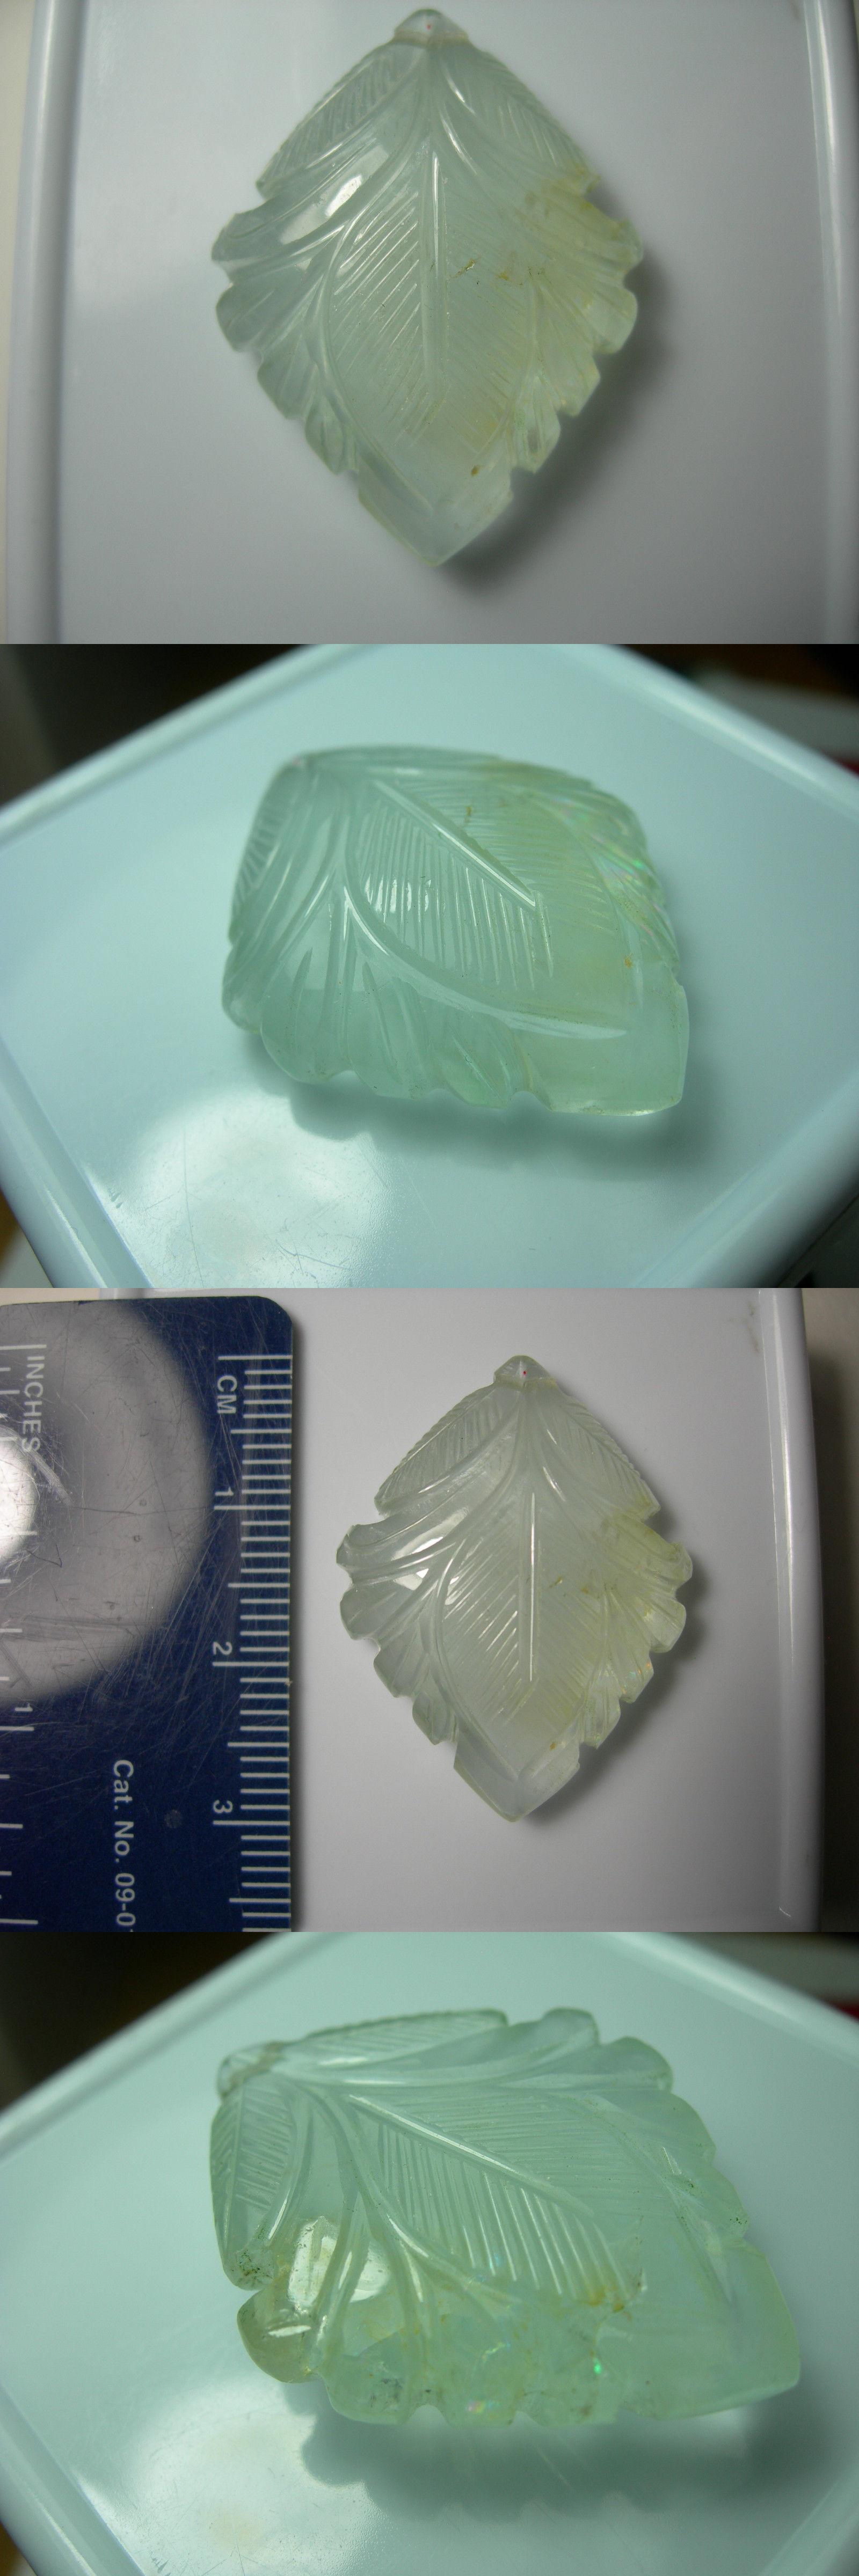 Aquamarine ct carved aquamarine gem natural unheated